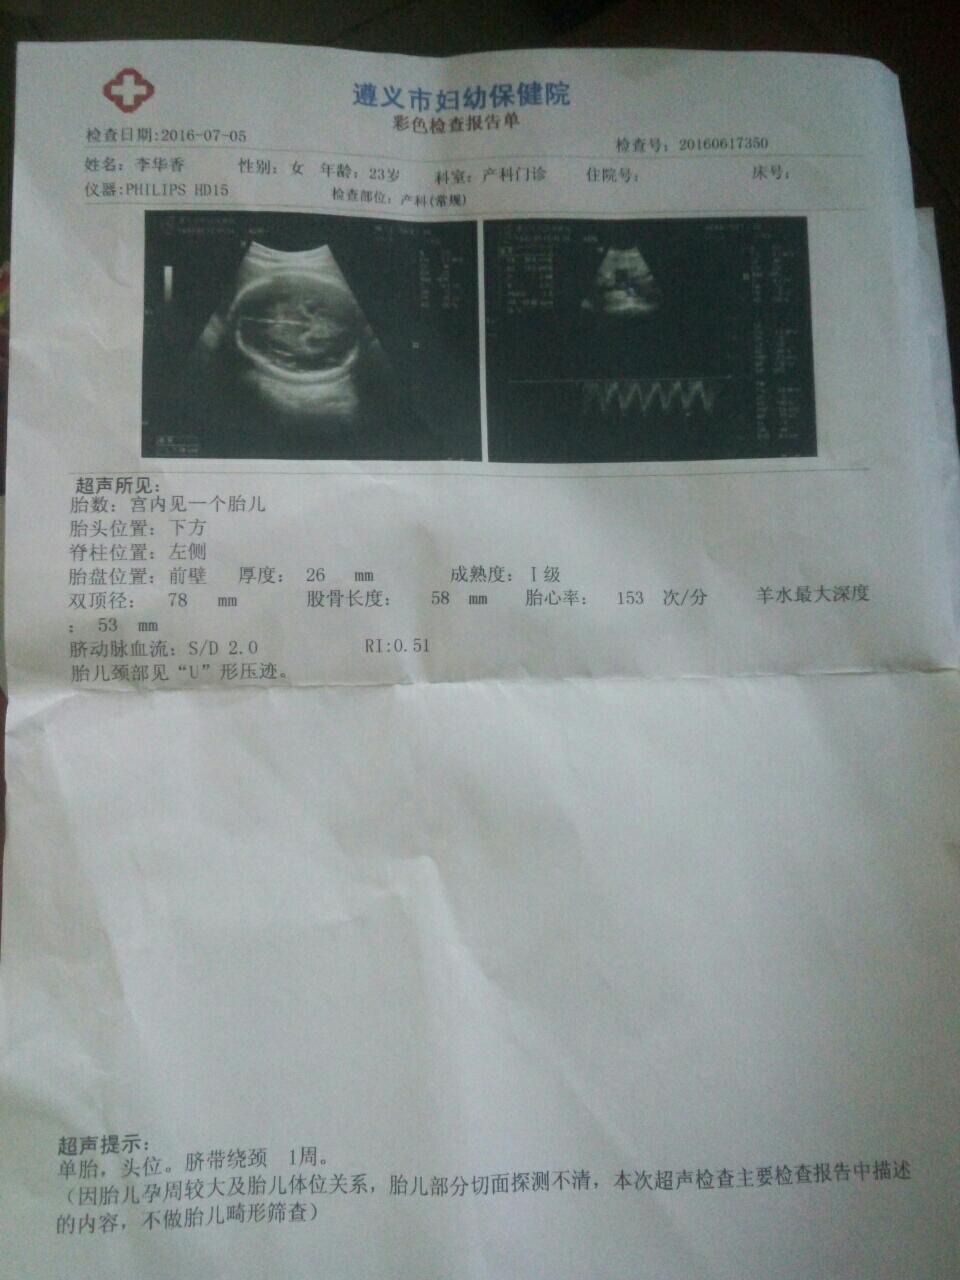 怀孕七个月了一直感觉是男宝宝 今天验证了男宝宝一个图片